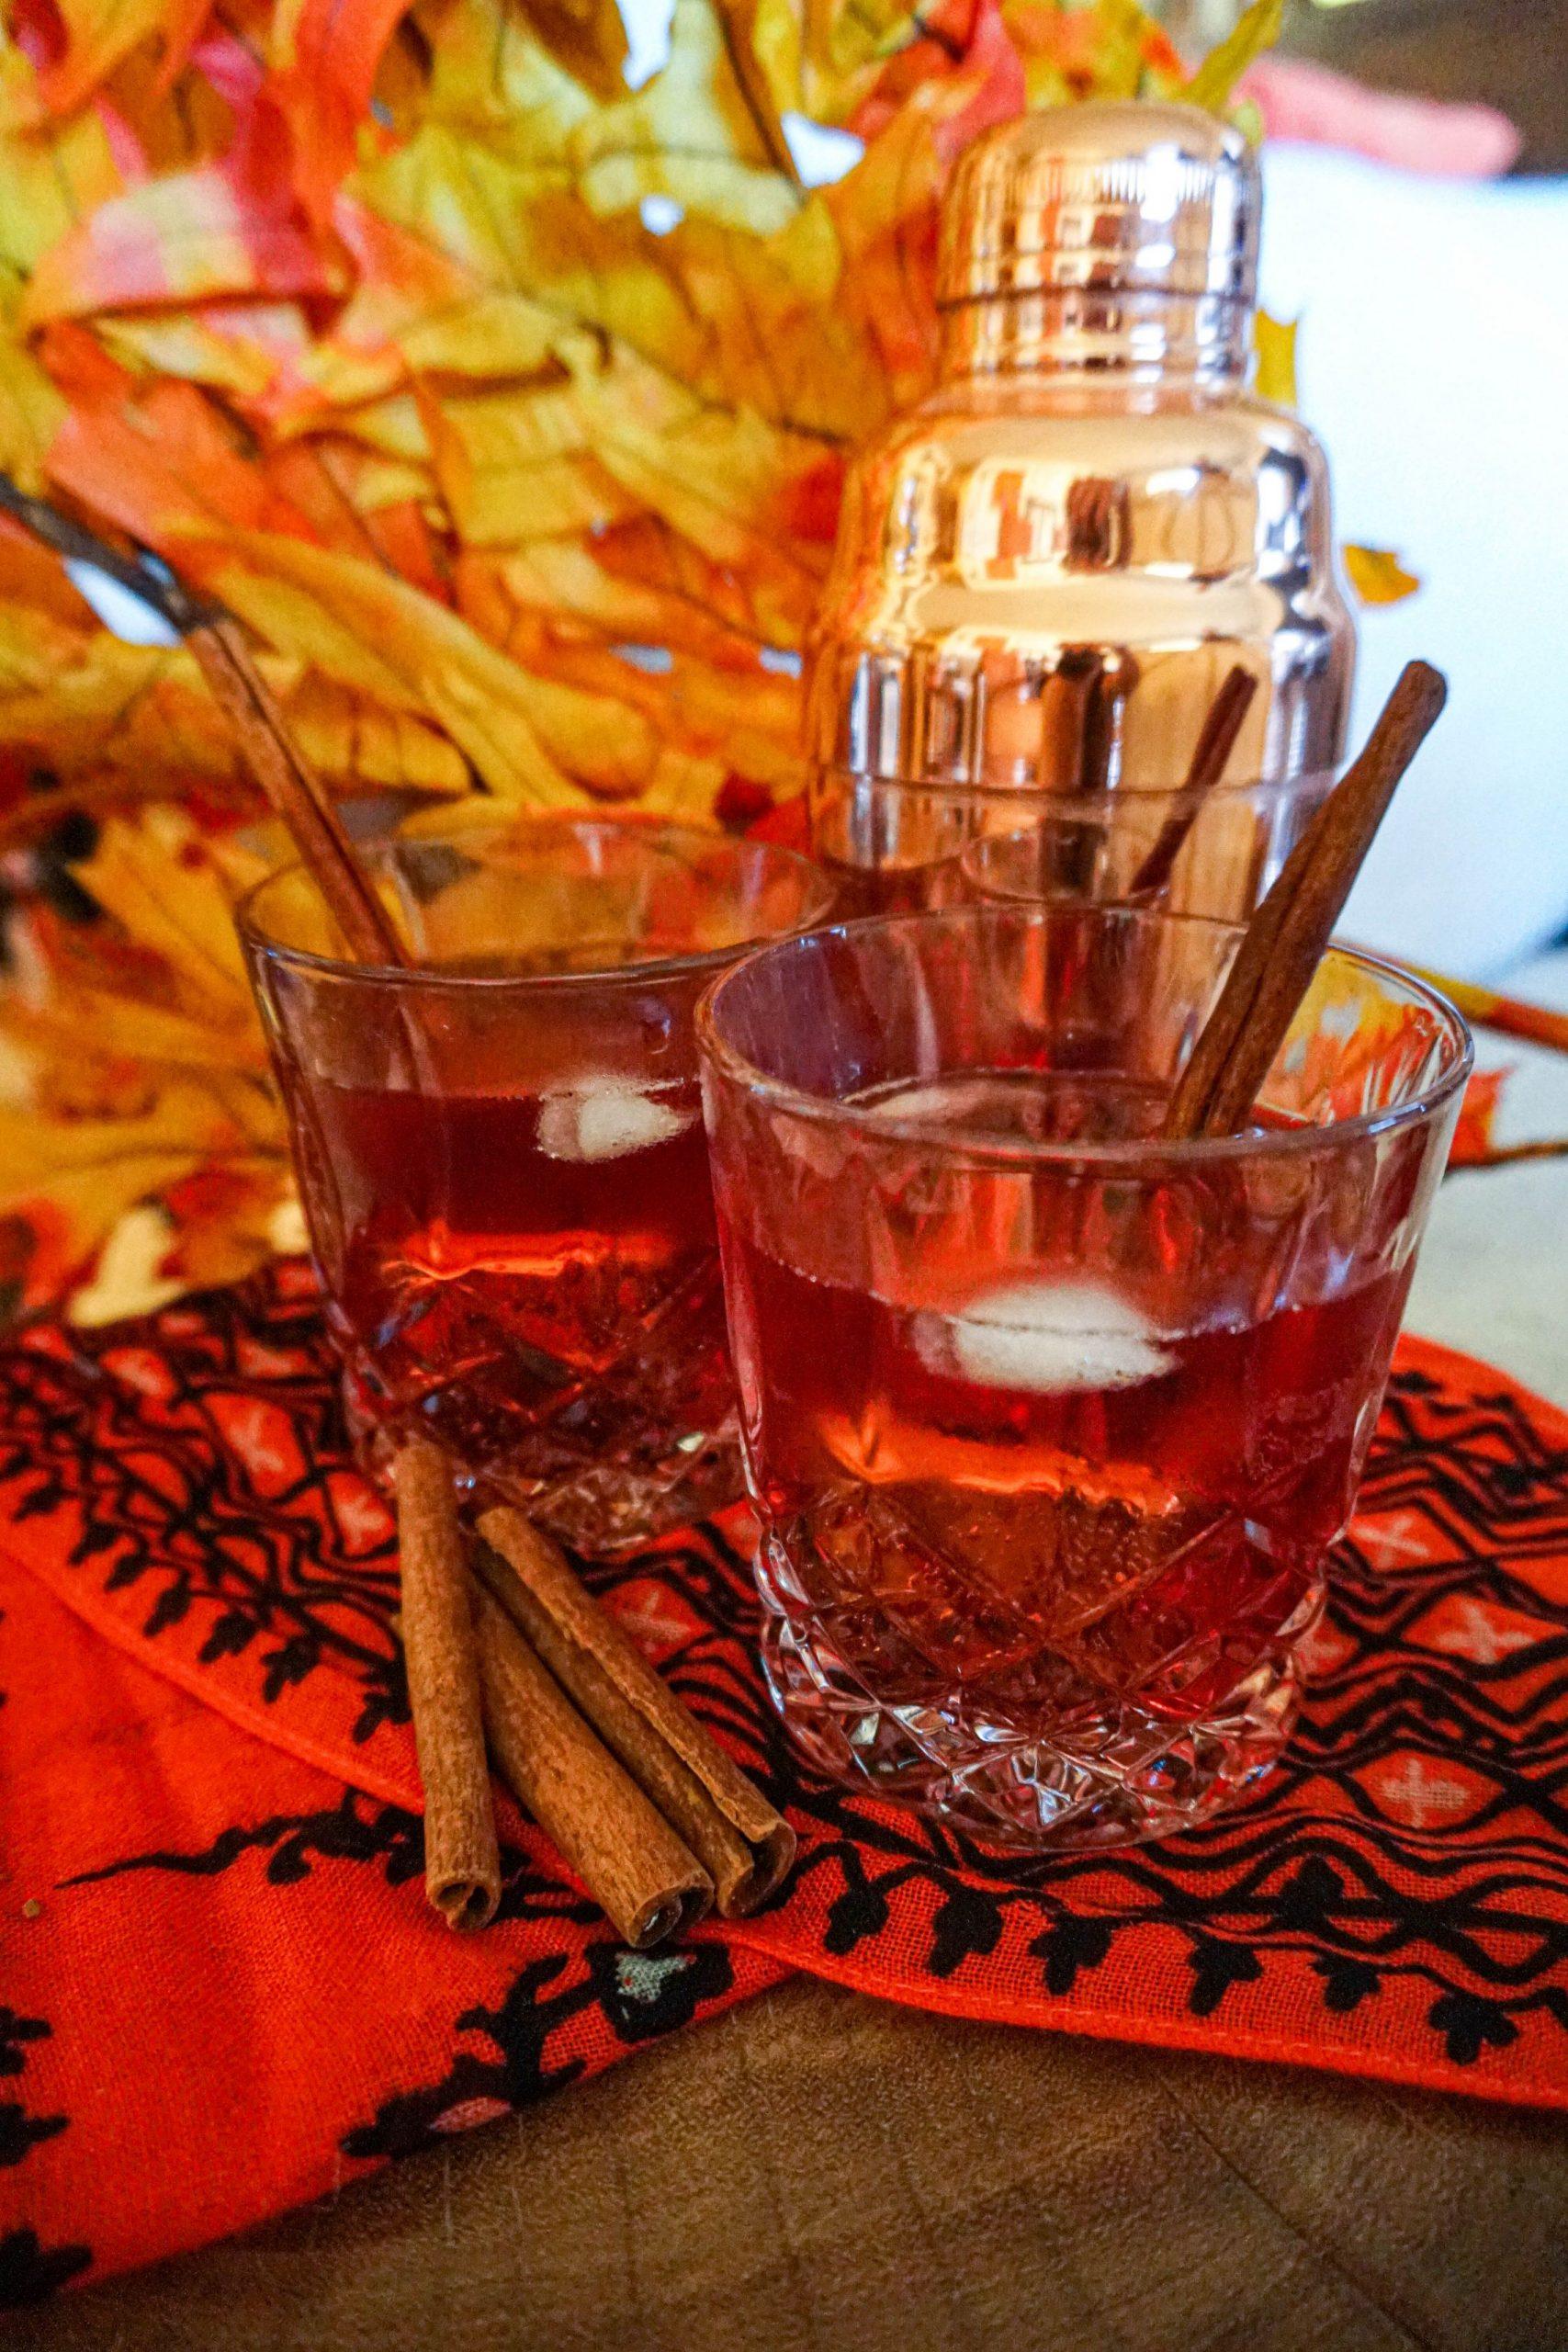 Cranberry rum smash